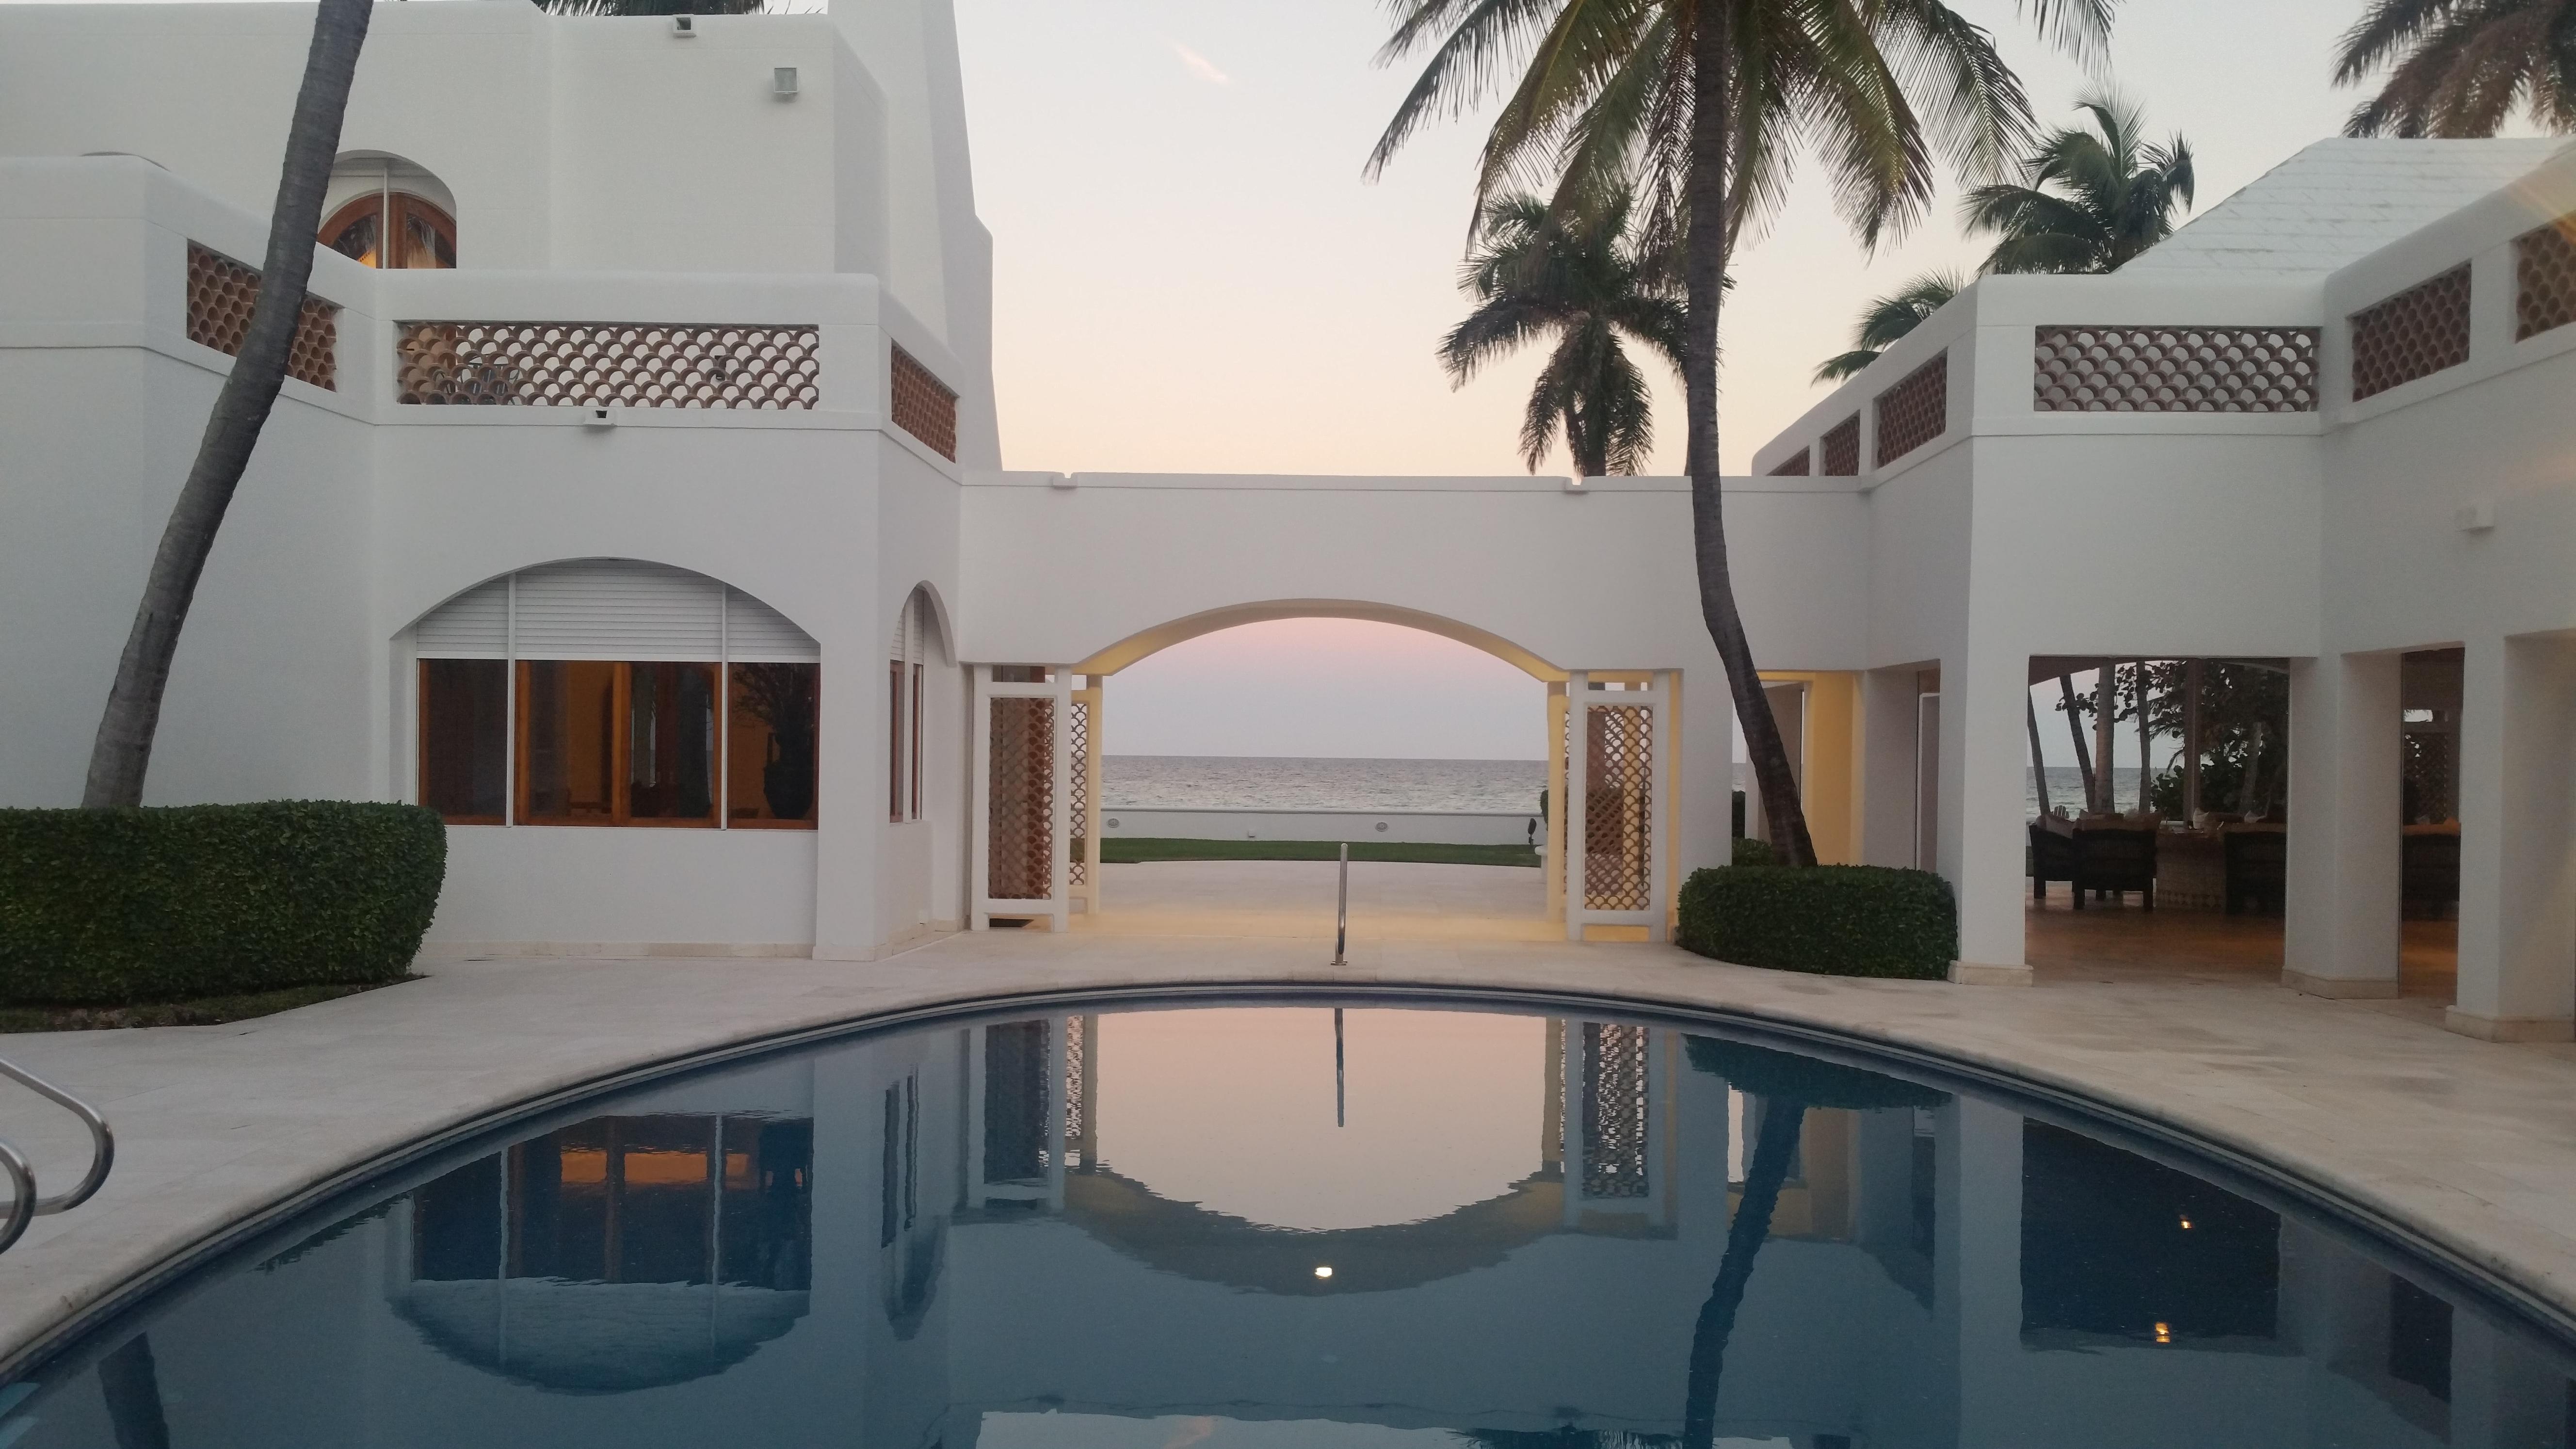 387 ocean blvd golden beach | mediterranean mansion